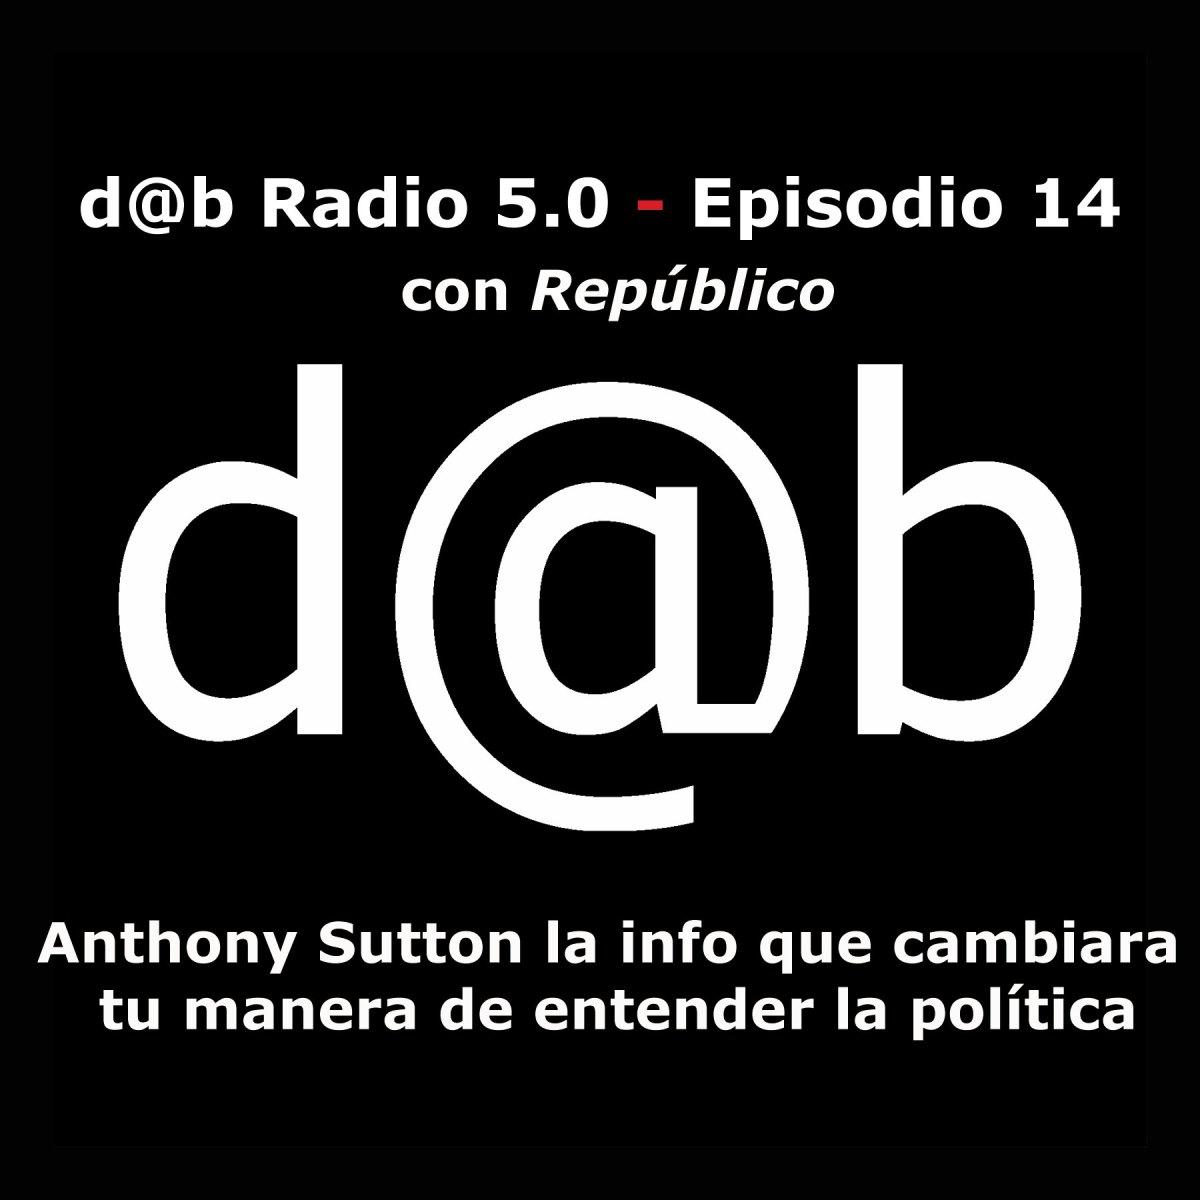 d@b Radio 5.0 Episodio 14 - Antony Sutton La Info Que Cambiará Tu Manera De Entender La Política